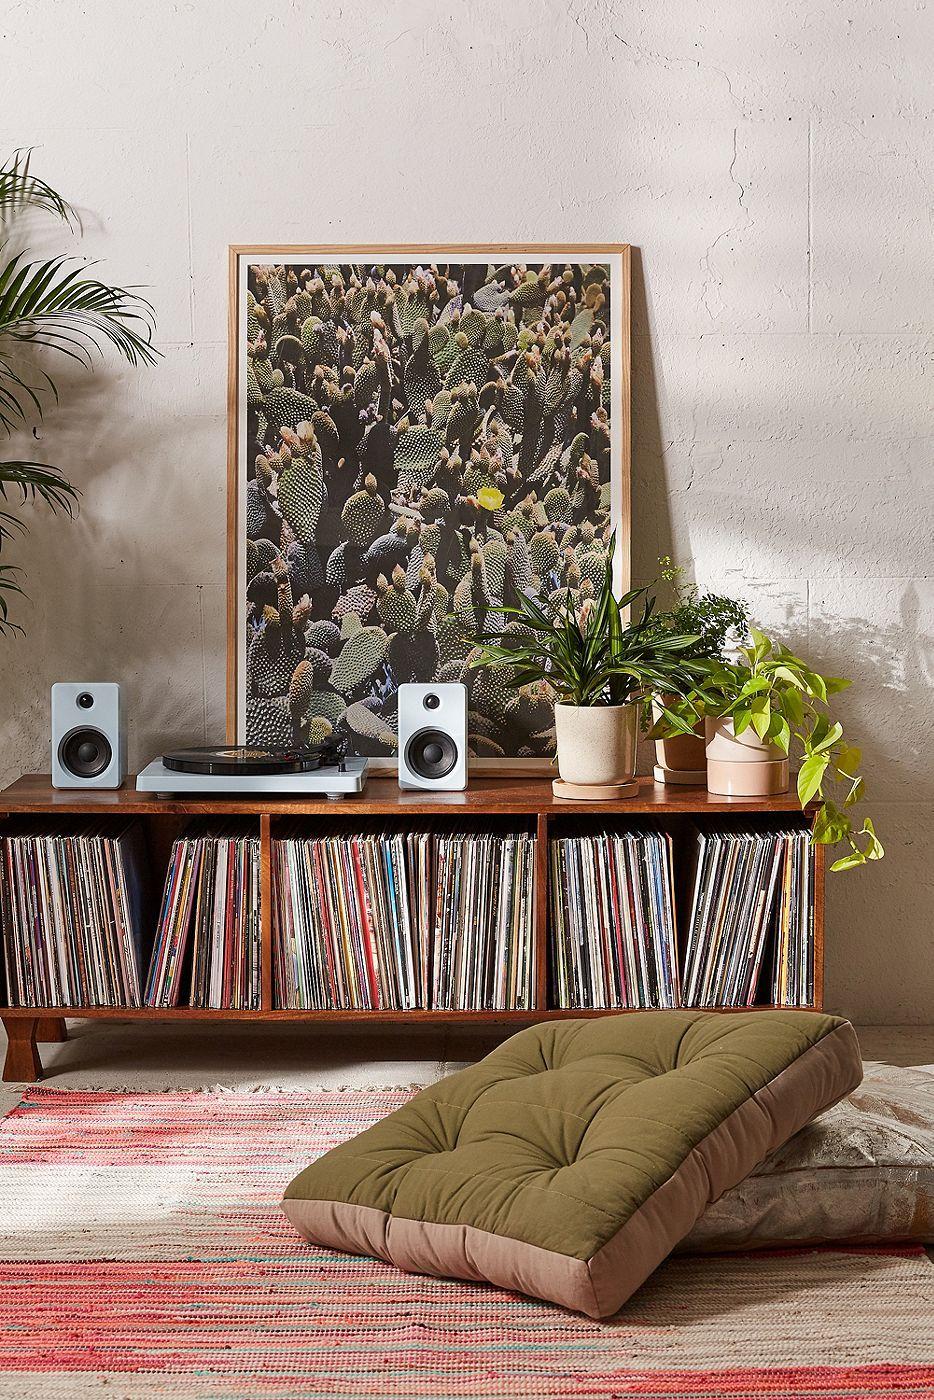 12 Best Vinyl Record Storage Ideas  Ways To Store Vinyl